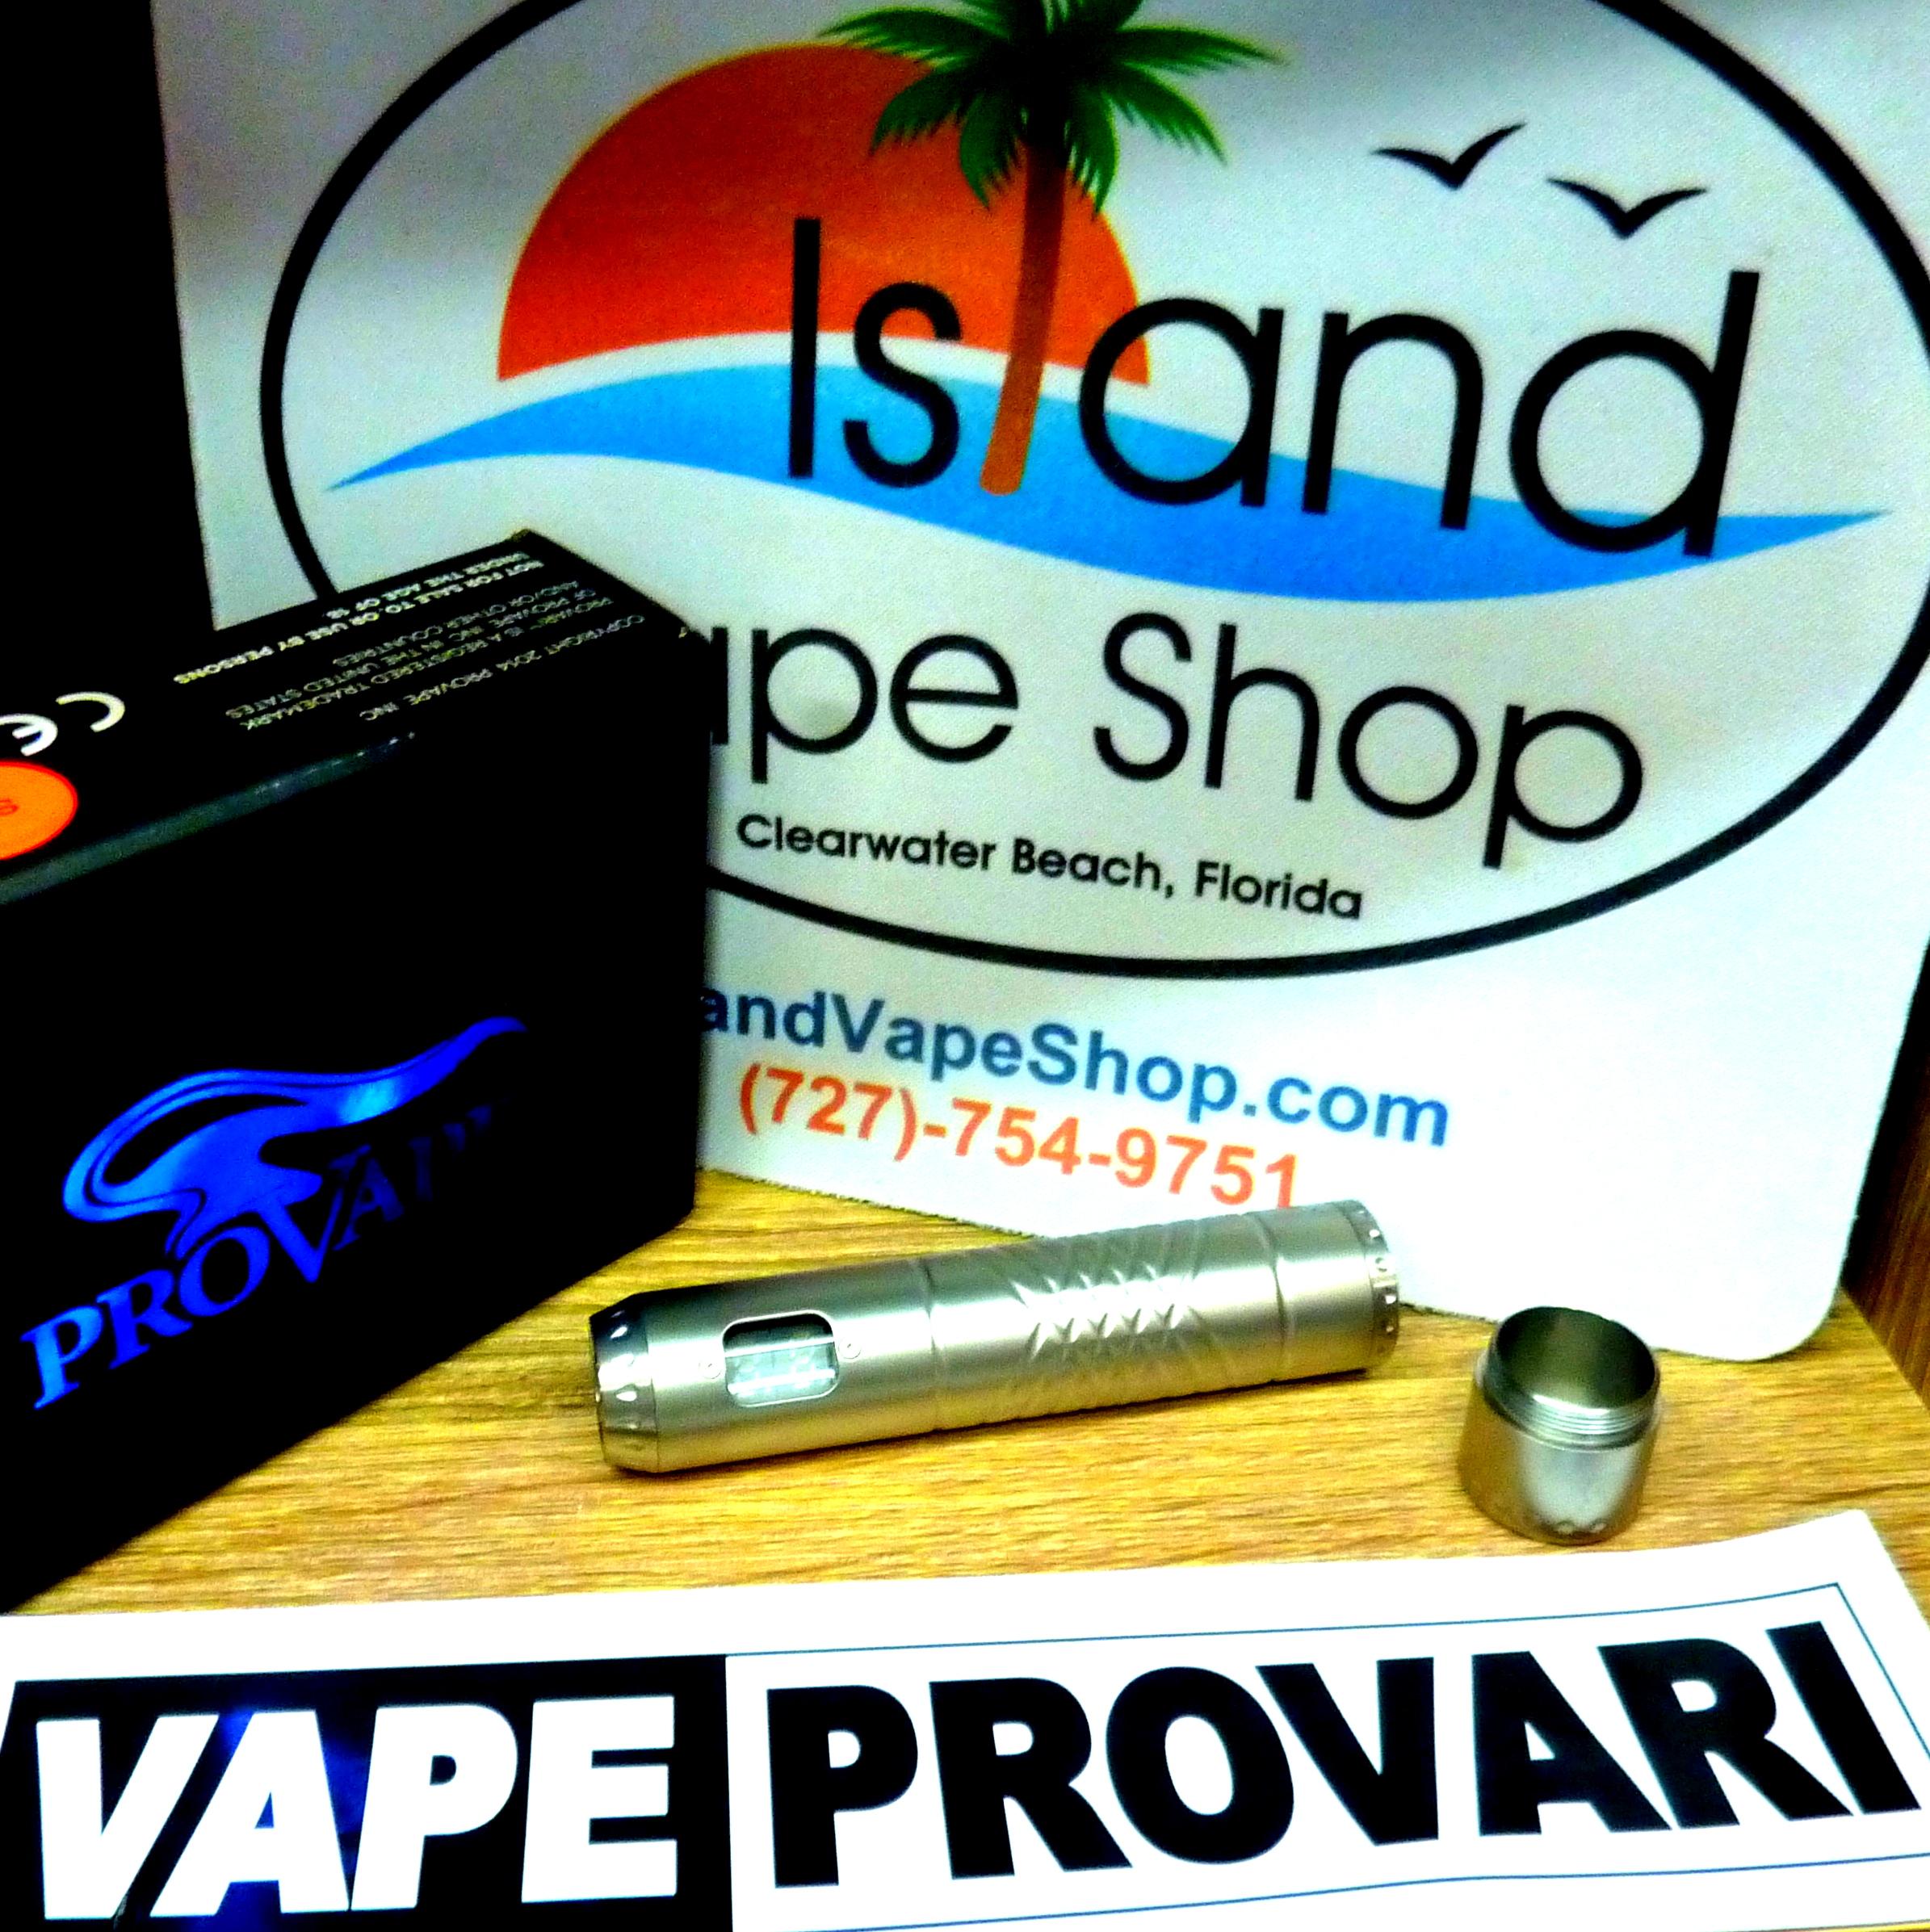 island_vape_shop_clearwater_beach_provari_p3_v2.+v3_provape_dealer_18650_ext_cap.jpg